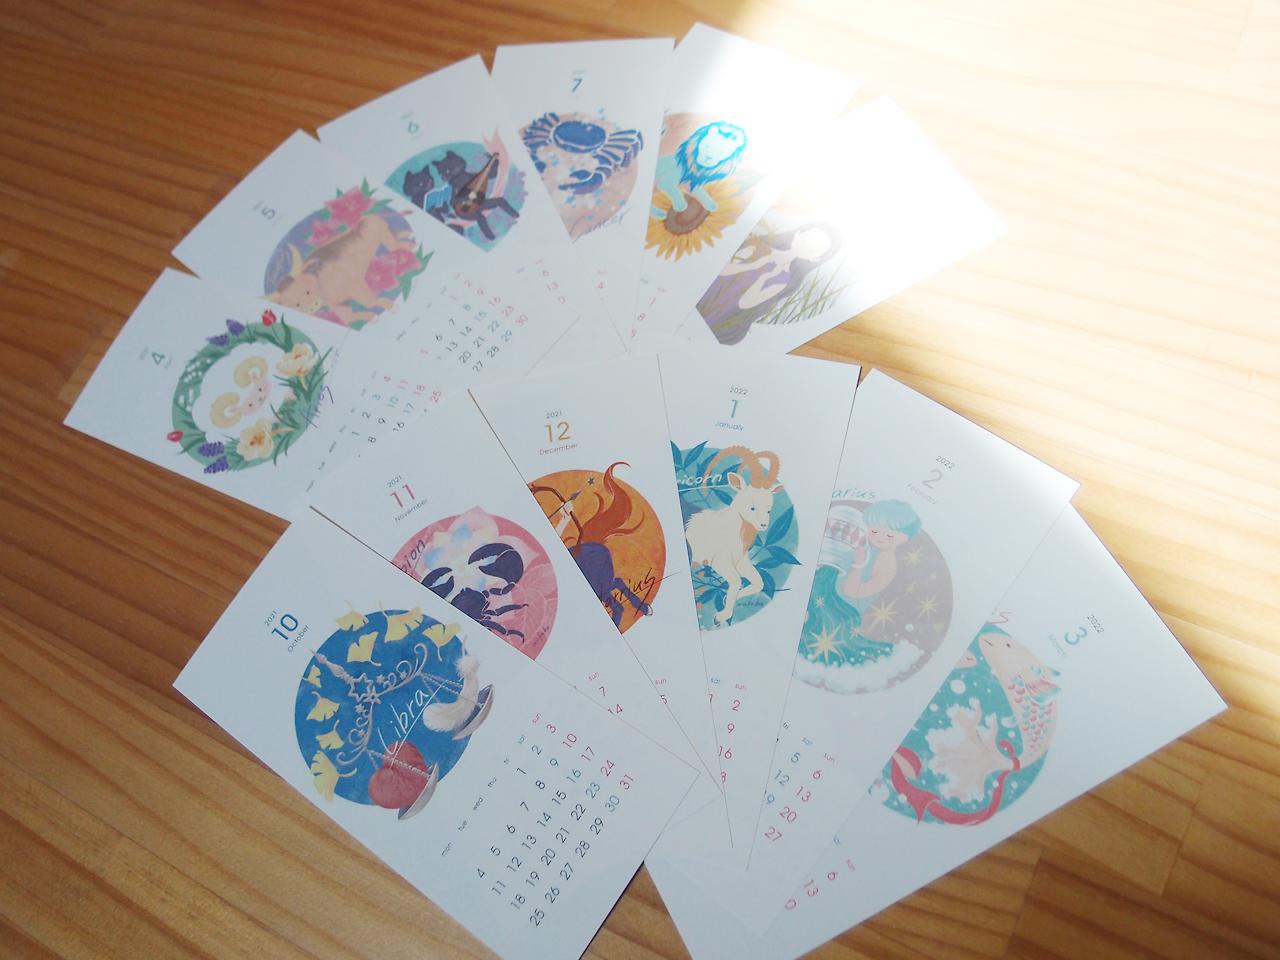 12星座のイラスト入り2021年カレンダー:白い紙